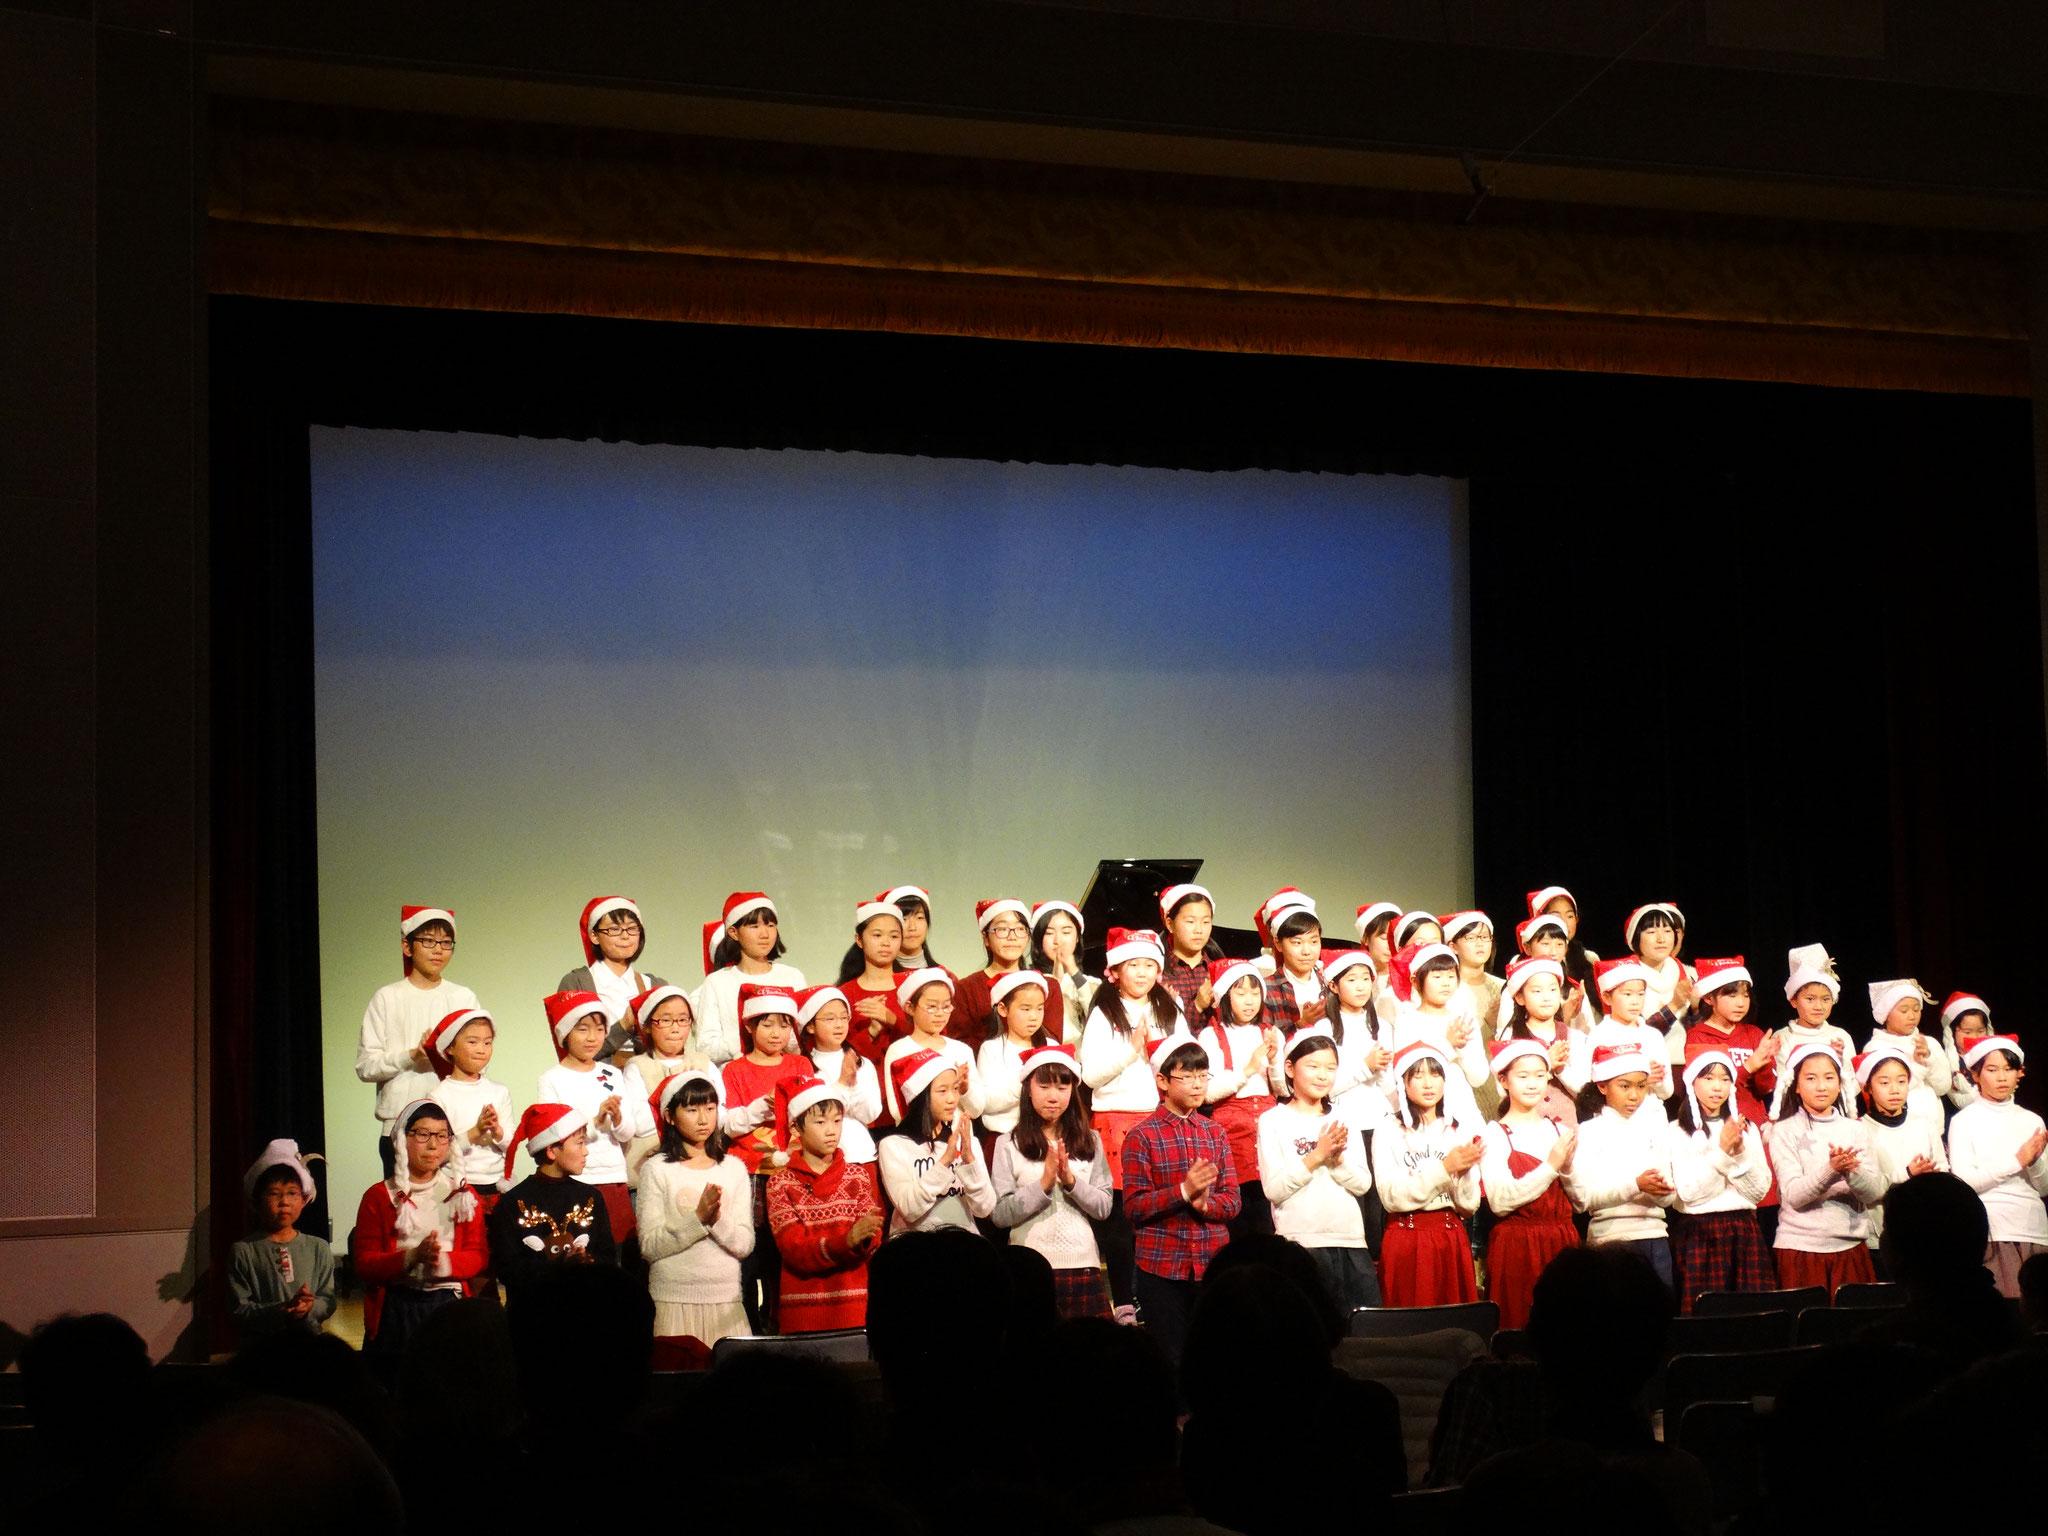 みんなでサンタ帽子をかぶって、クリスマスソングを歌いました。